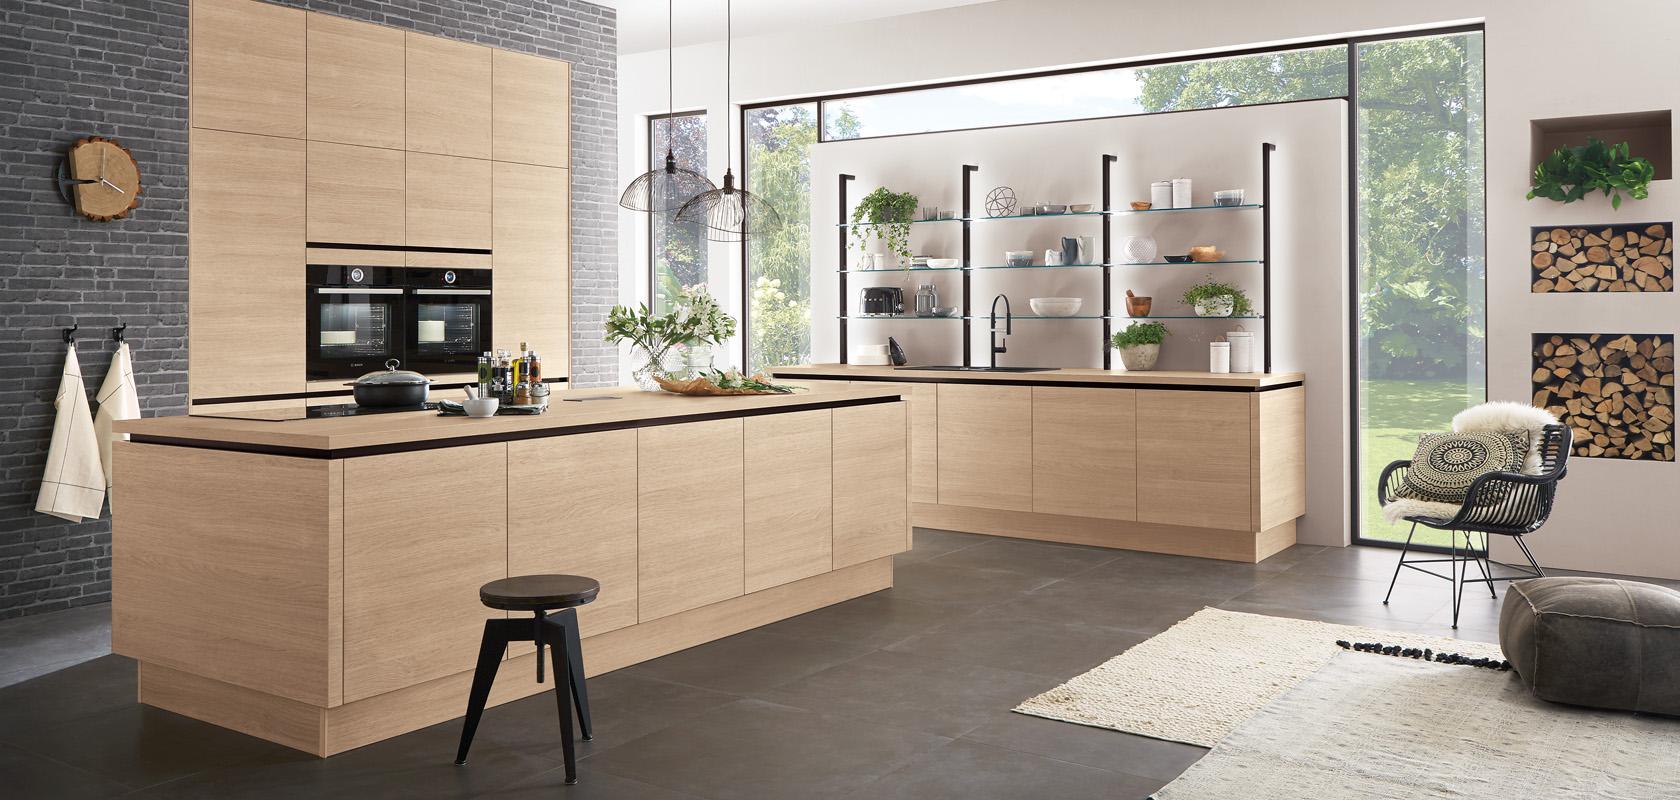 i-Home Kitchens – Nobilia Kitchens & German Kitchens